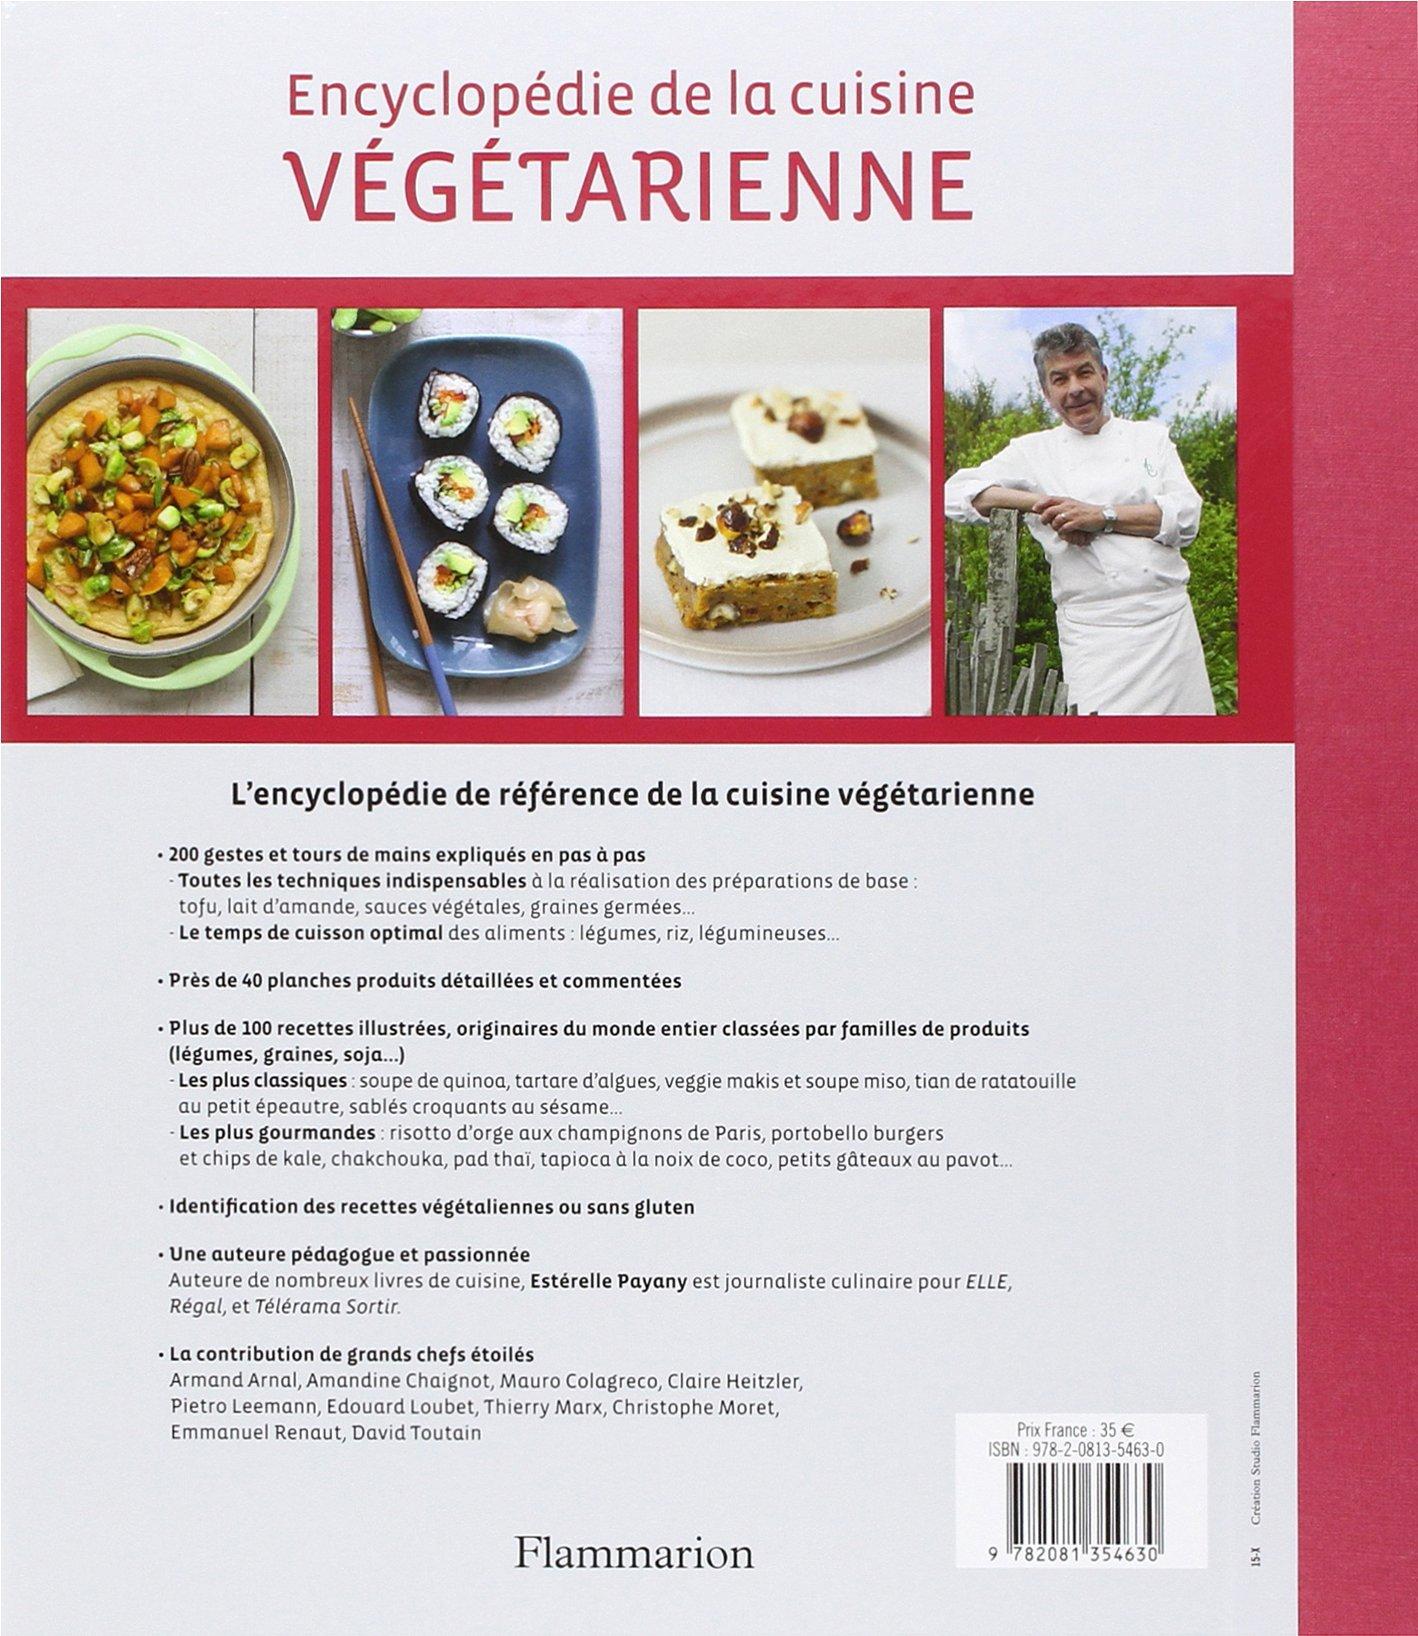 encyclopedie kale